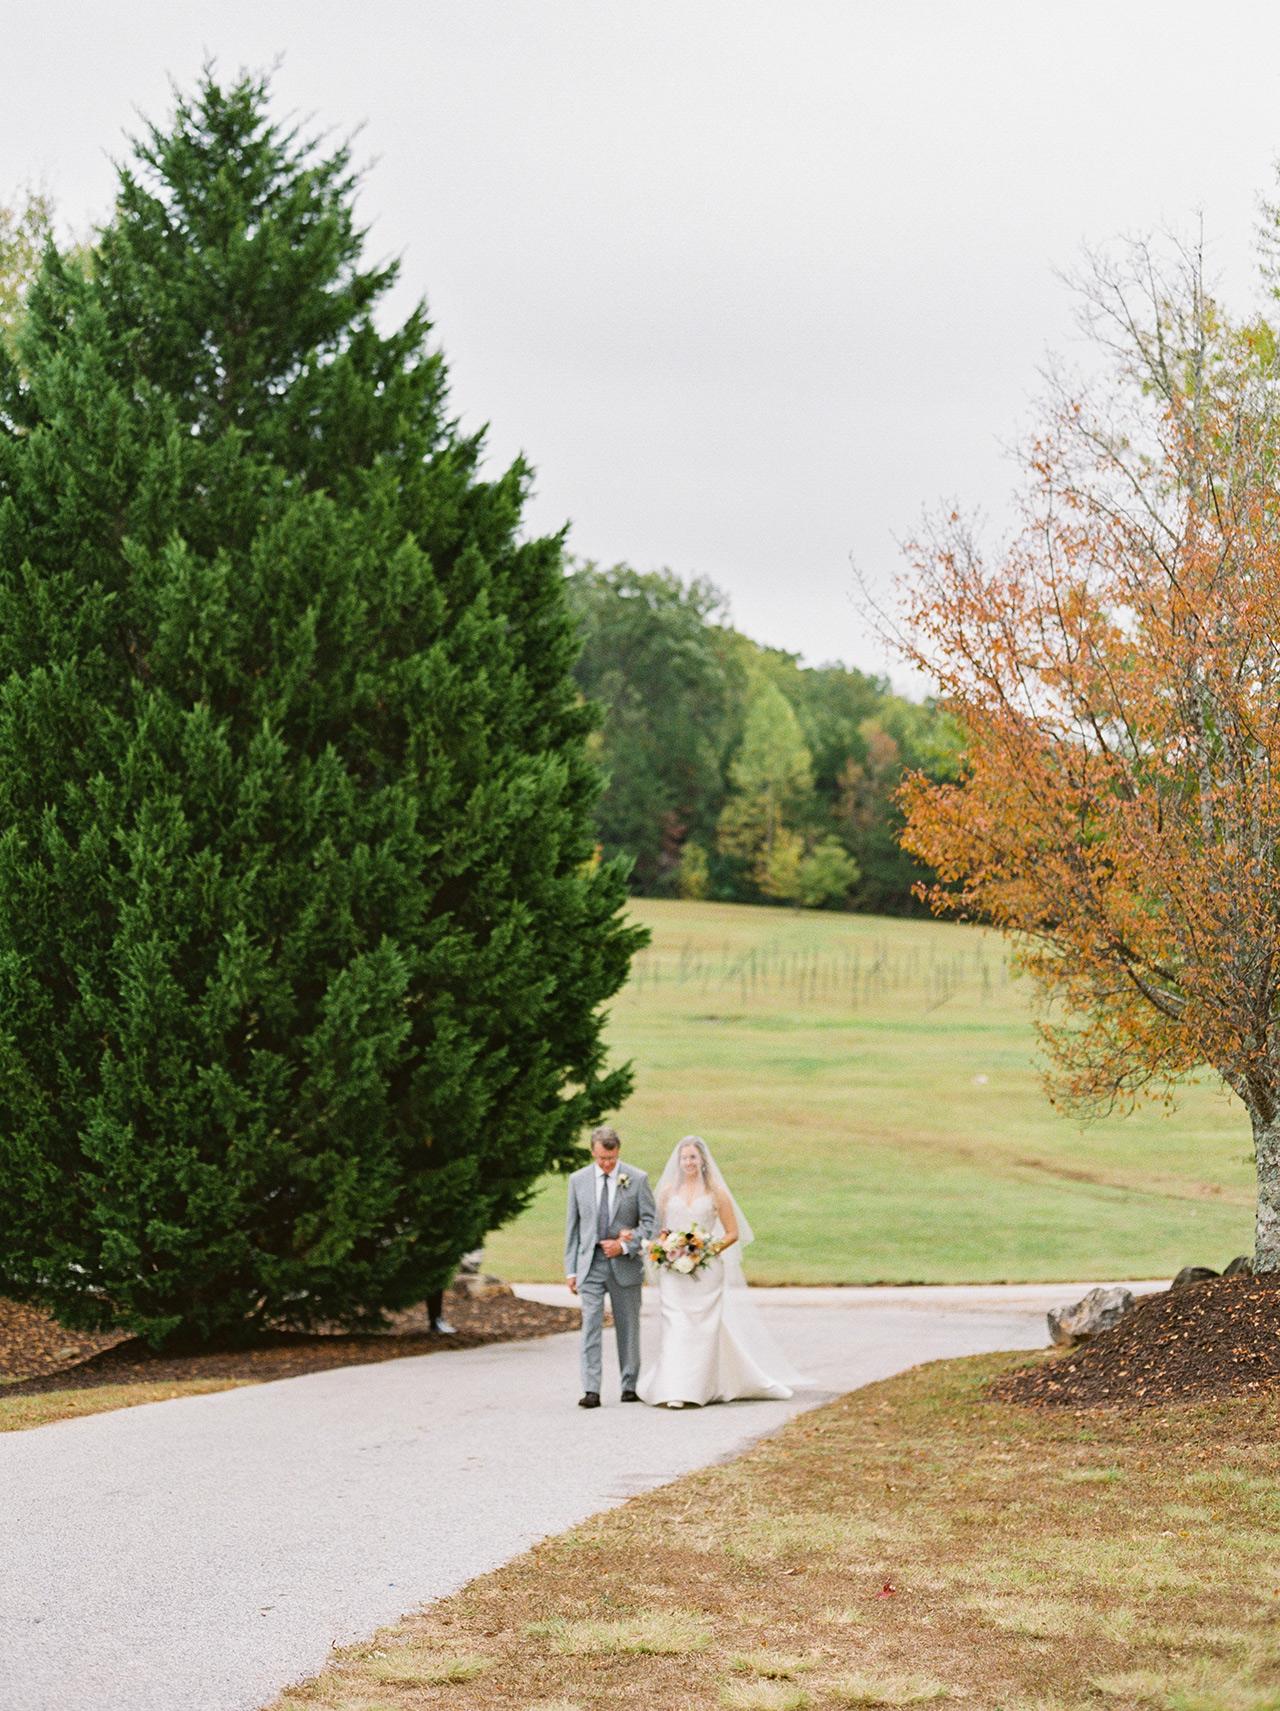 father bride precessional outdoor sidewalk